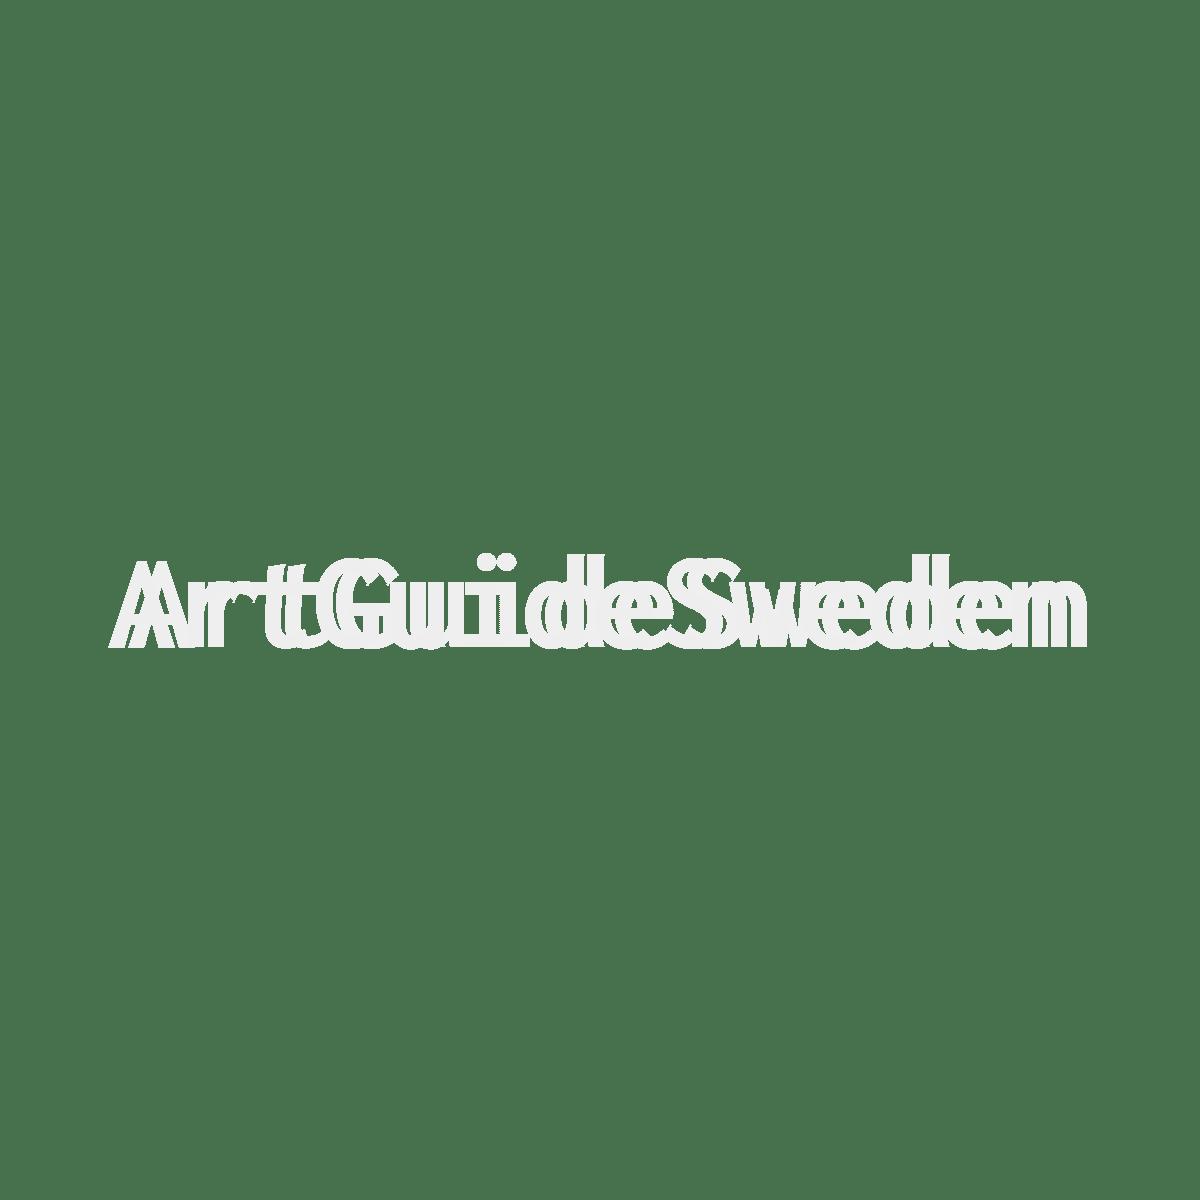 Art Guide Sweden - Ladda upp och dela din konst